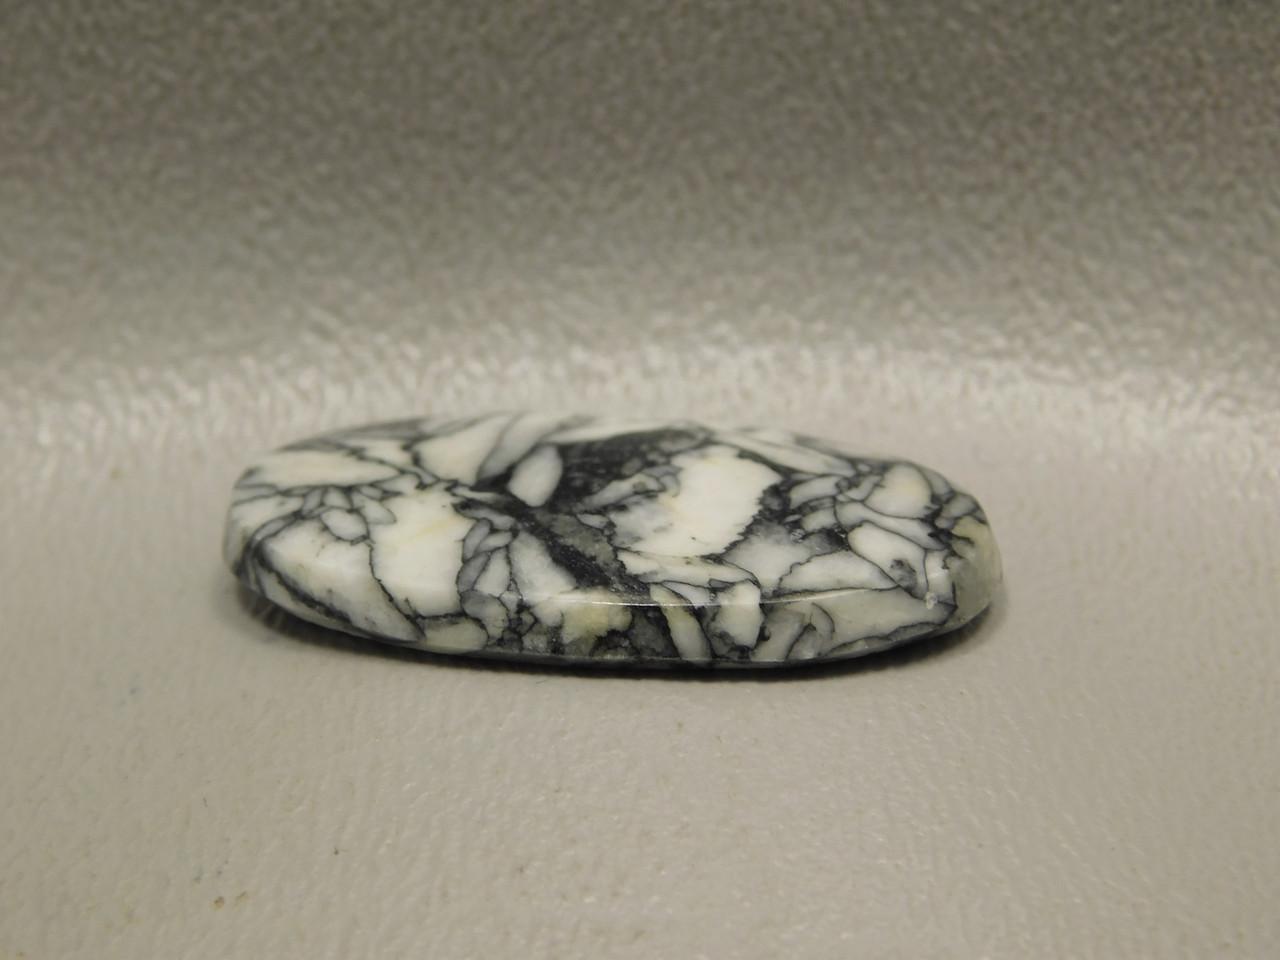 Pinolith or Pinolite Semi Precious Gemstone Designer Cabochon #18